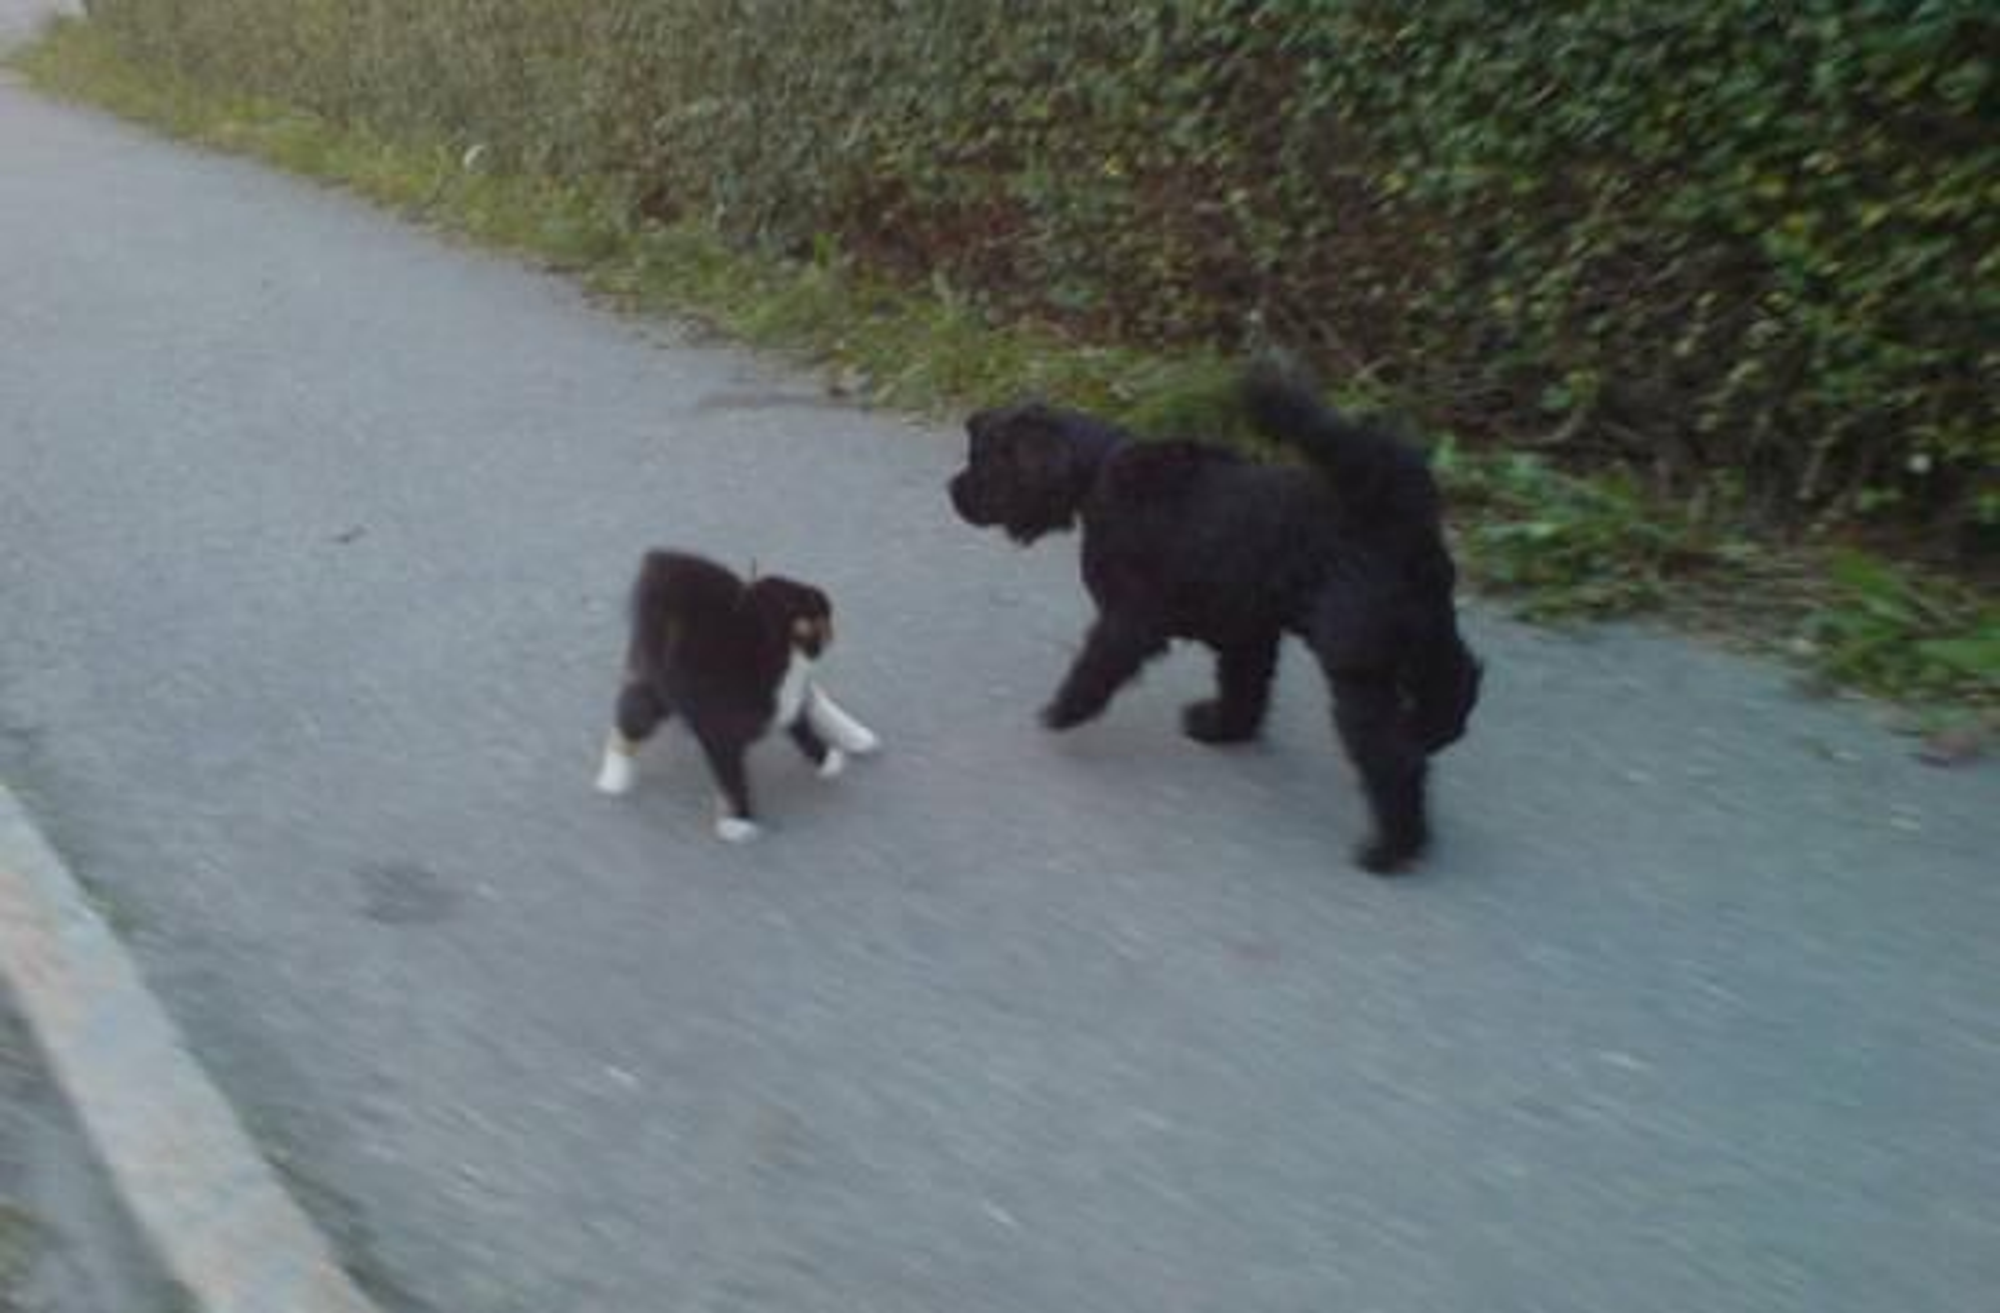 #9) Katt og hund